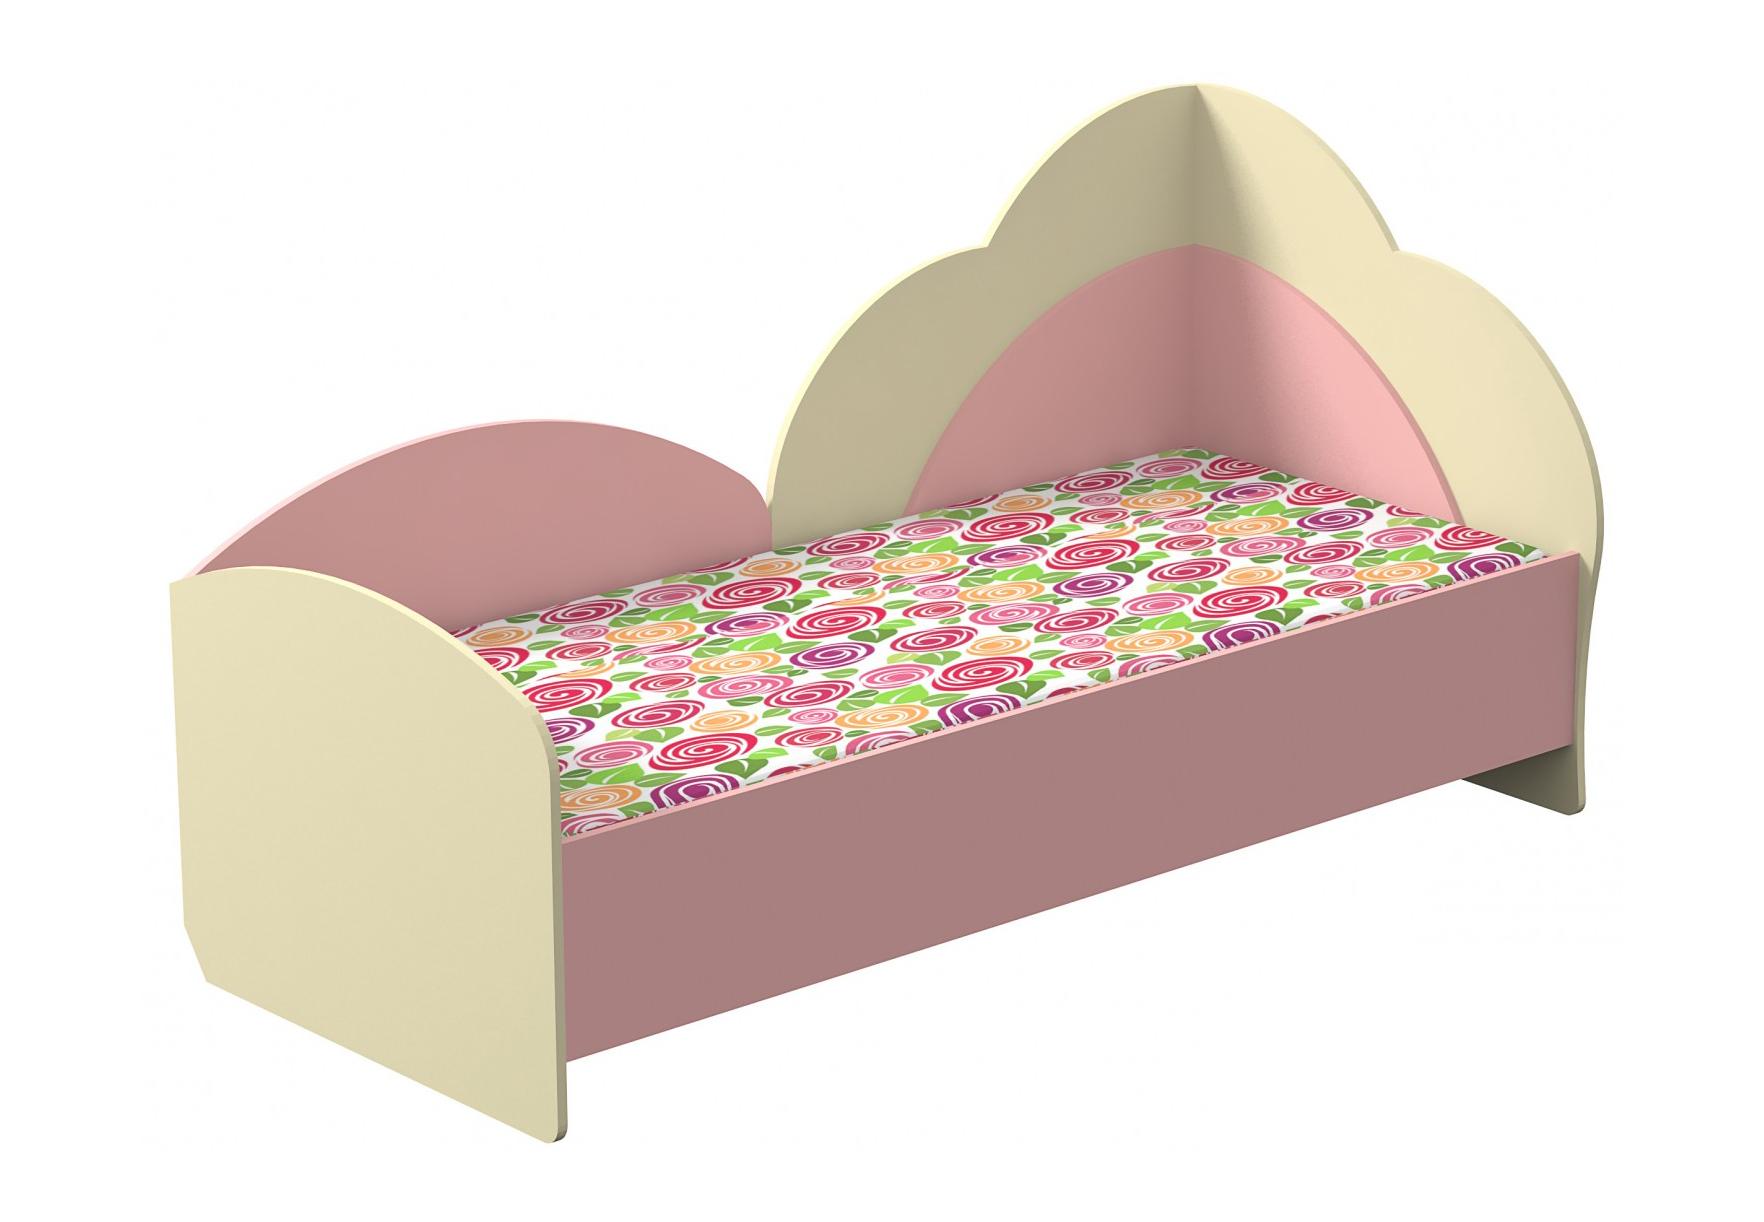 Кровать Настенька 2Детские кровати<br>Размер: 88х194,5х99,5<br><br>Материалы: ЛДСП, кромка ПВХ<br>Полный размер (ШхДхВ): 88х194,5х99,5<br>Спальное место: 80х190<br>Комплектация: Матрас в стоимость не входит<br>Цвет: Ваниль/Розовый<br>Примечание: Доставляется в разобранном виде<br>Изготовление и доставка: 10-14 дней<br>Количество упаковок: 1 шт<br>Условия доставки: Бесплатная по Москве до подъезда<br>Условие оплаты: Оплата наличными при получении товара<br>Доставка по МО (за пределами МКАД): 30 руб./км<br>Доставка в пределах ТТК: Доставка в центр Москвы осуществляется ночью, с 22.00 до 6.00 утра<br>Подъем на грузовом лифте: 500 руб.<br>Подъем без лифта: 250 руб./этаж включая первый<br>Сборка: 1000 руб.<br>Гарантия: 12 месяцев<br>Производство: Россия<br>Производитель: МК Премиум